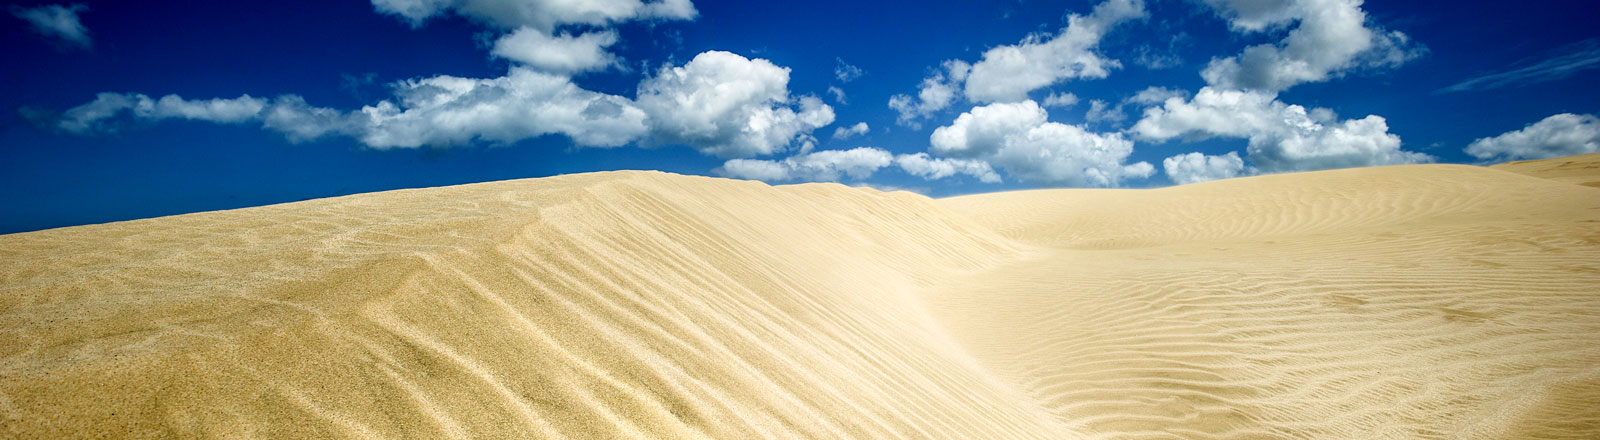 Eine Sanddüne in der Wüste